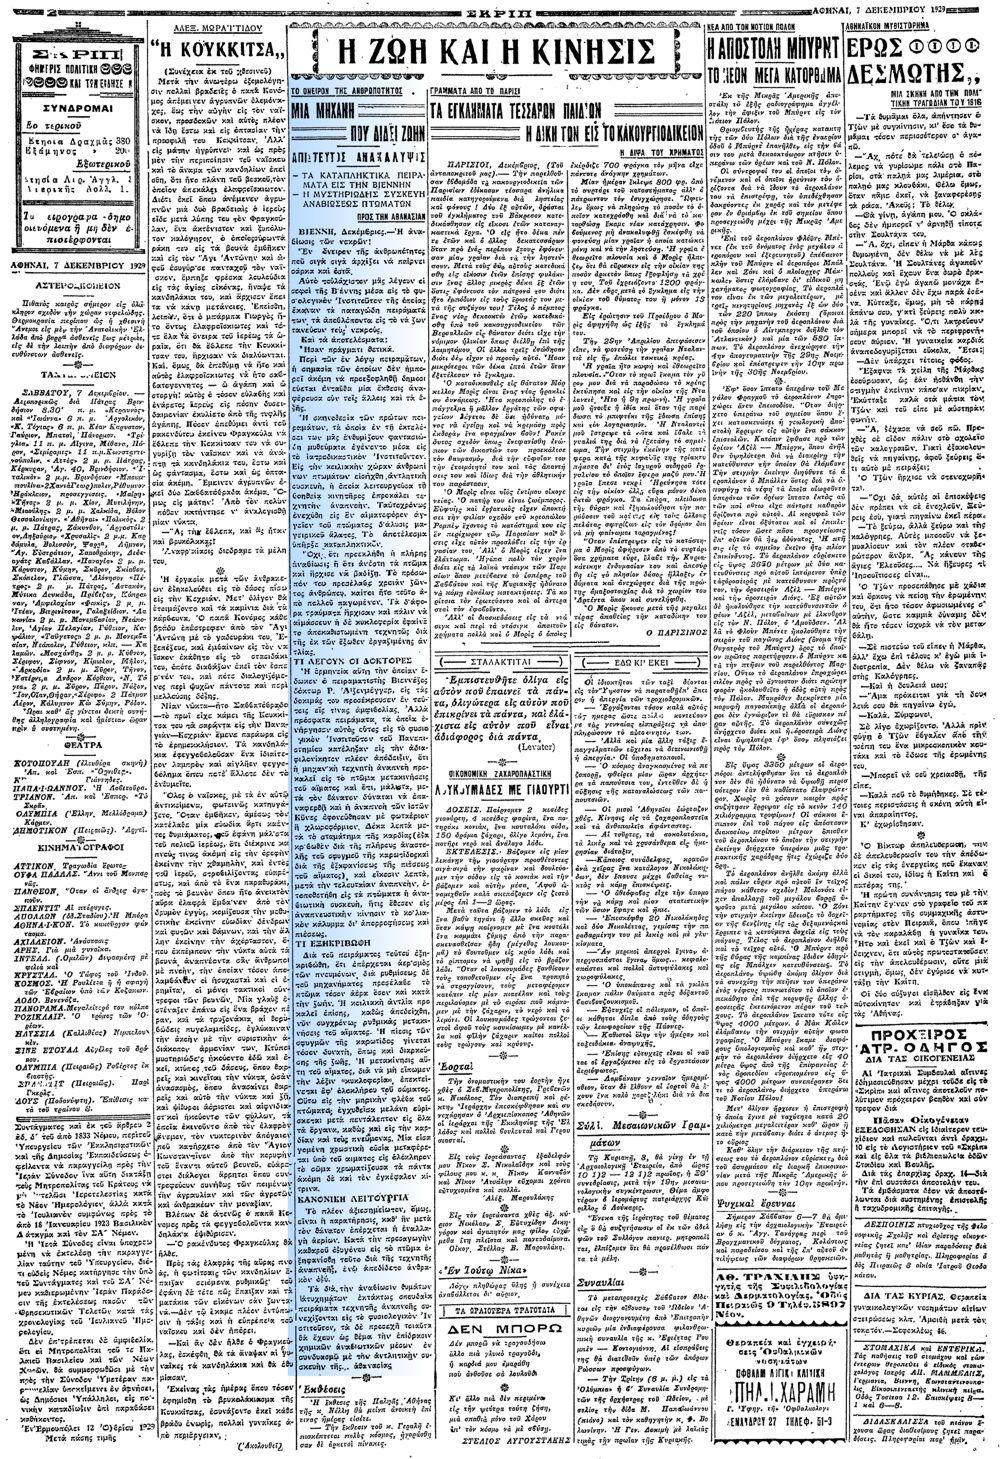 """Το άρθρο, όπως δημοσιεύθηκε στην εφημερίδα """"ΣΚΡΙΠ"""", στις 07/12/1929"""